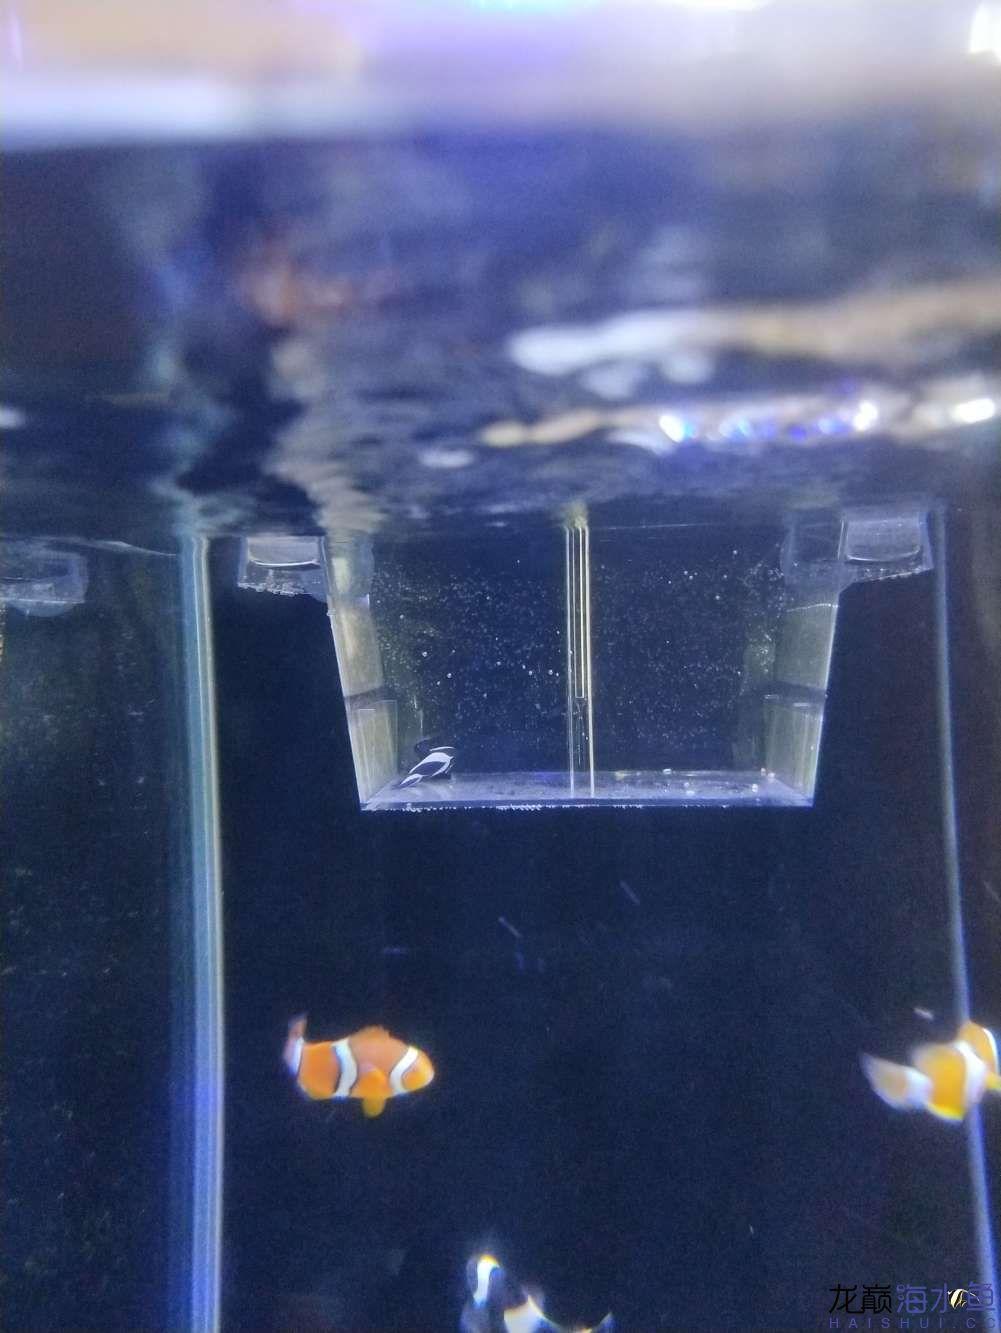 急各位大神帮看看小丑鱼是怎么了鱼鳃还在动就是这样 绵阳龙鱼论坛 绵阳水族批发市场第4张